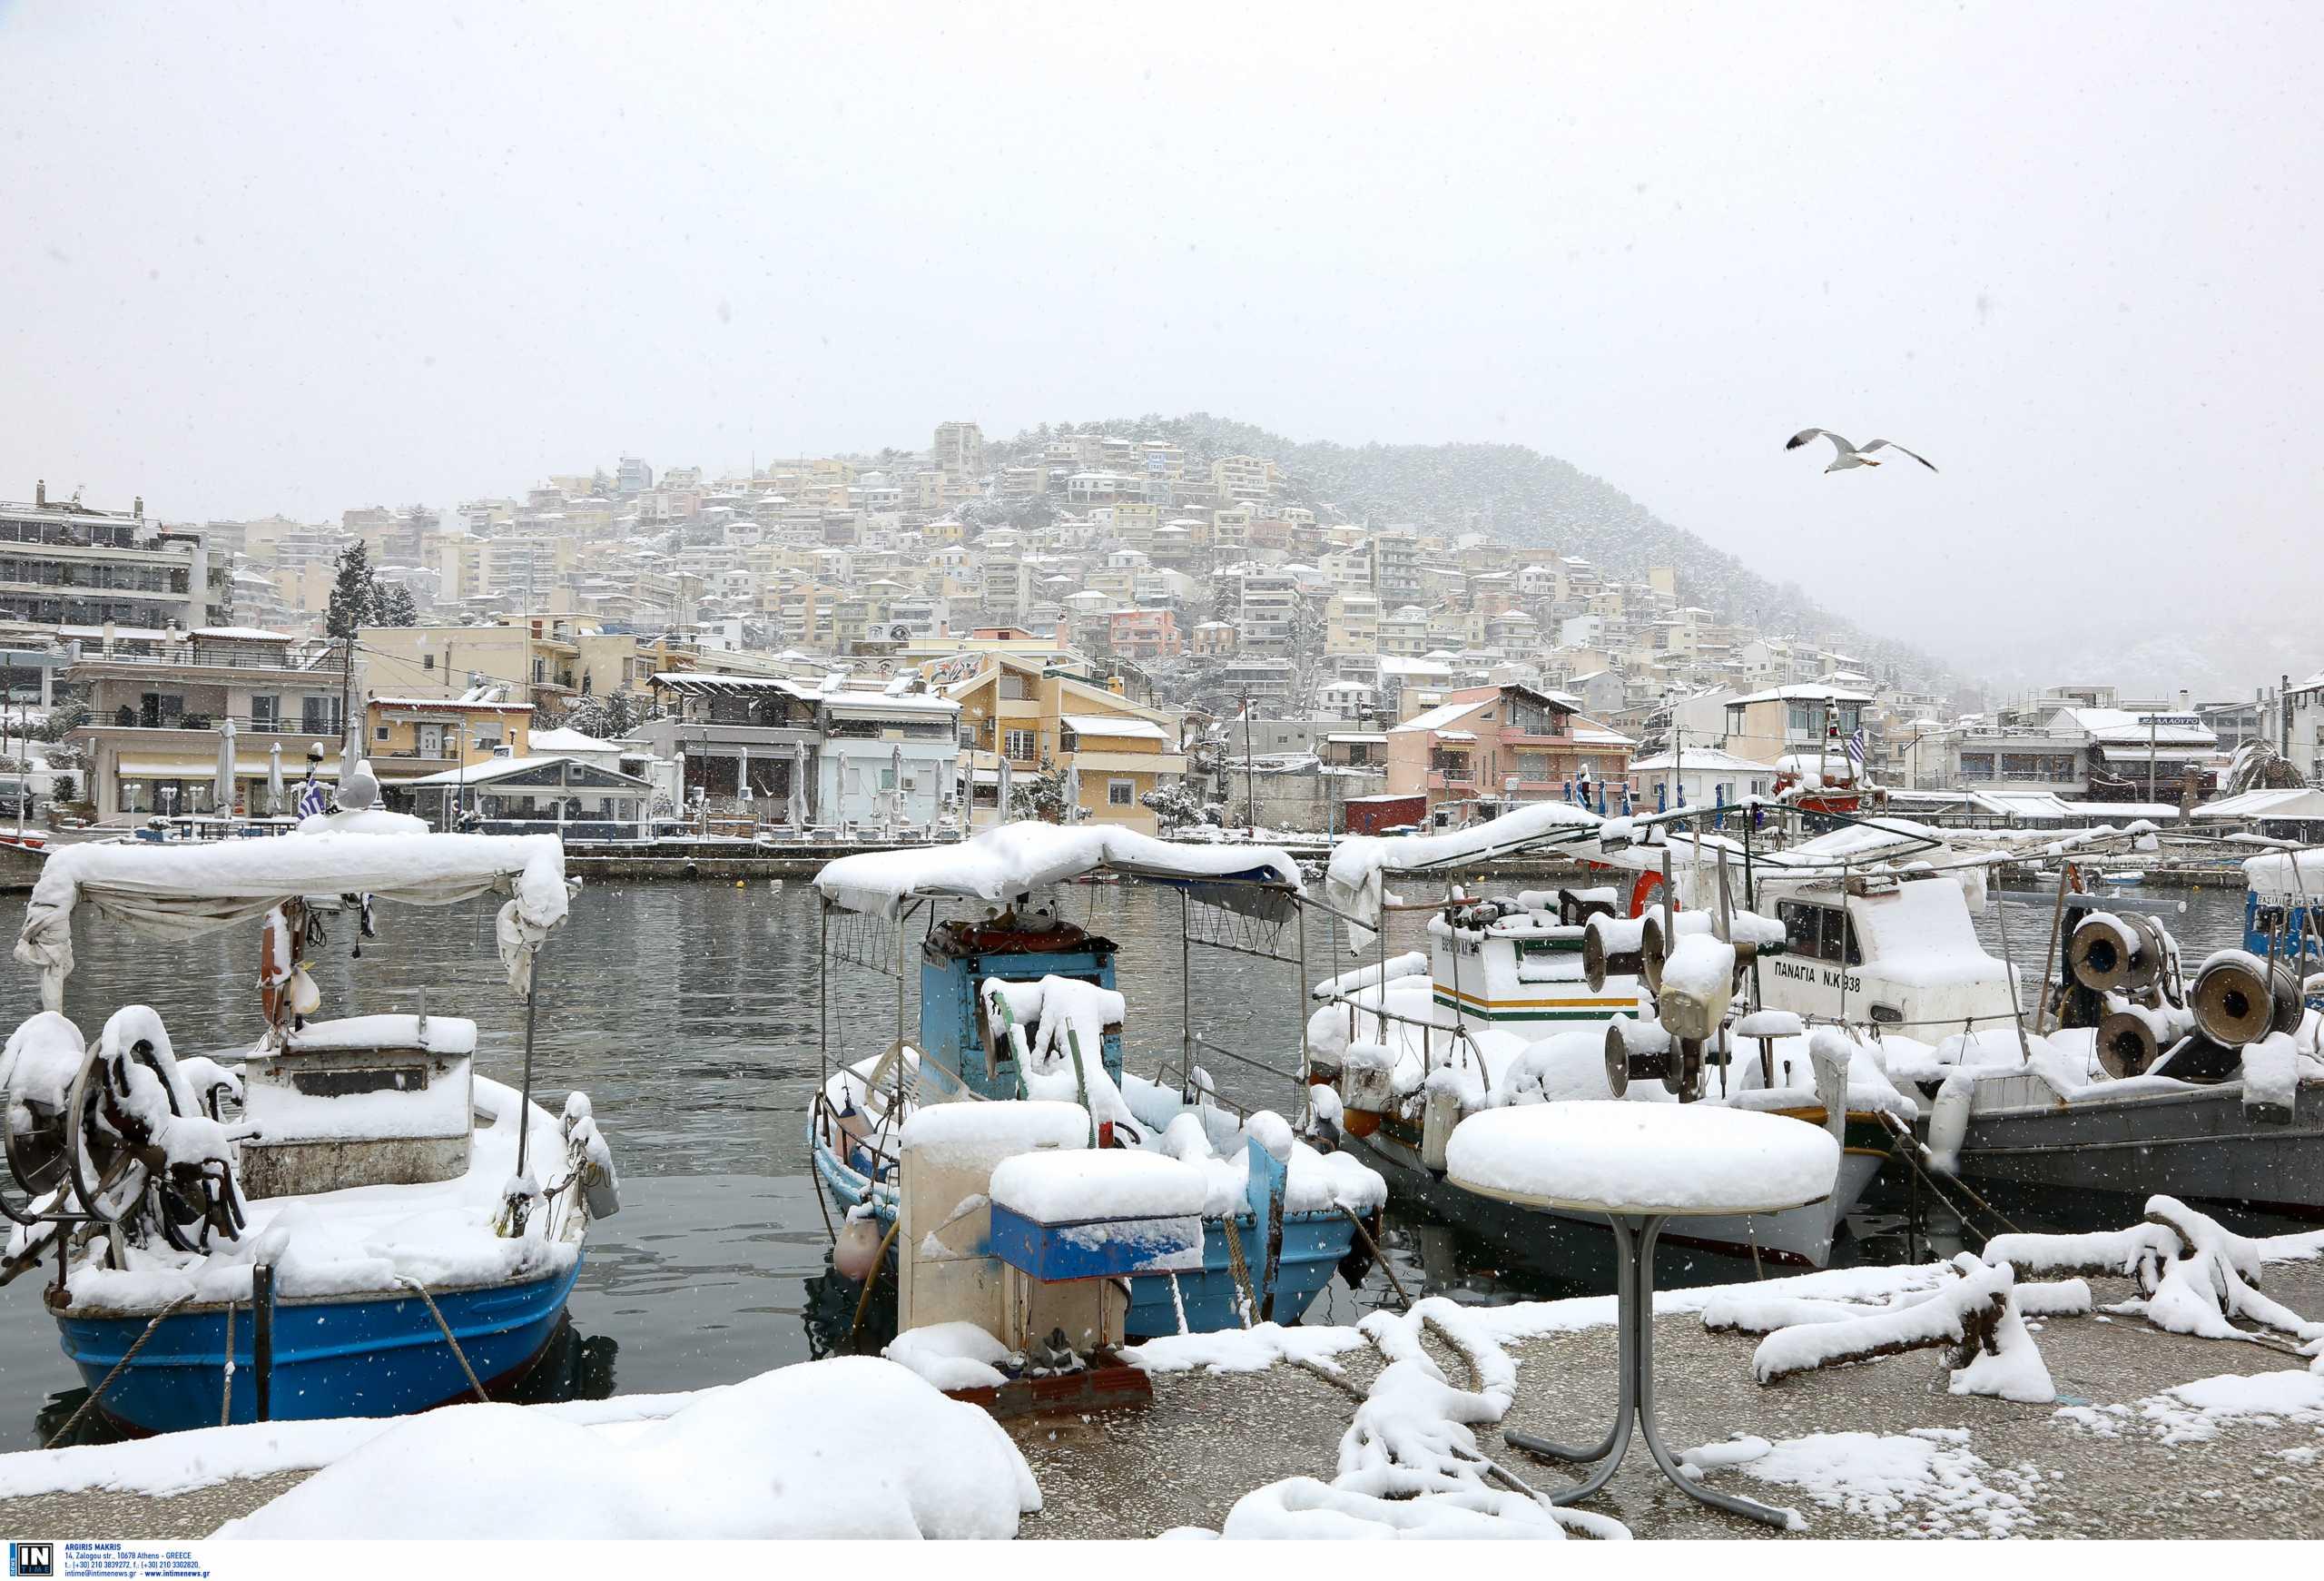 Καιρός – Καβάλα: Έπιασαν χιόνι ακόμα και οι βάρκες στη θάλασσα – Δείτε τις 10 εικόνες που θυμίζουν έργα τέχνης (pics)